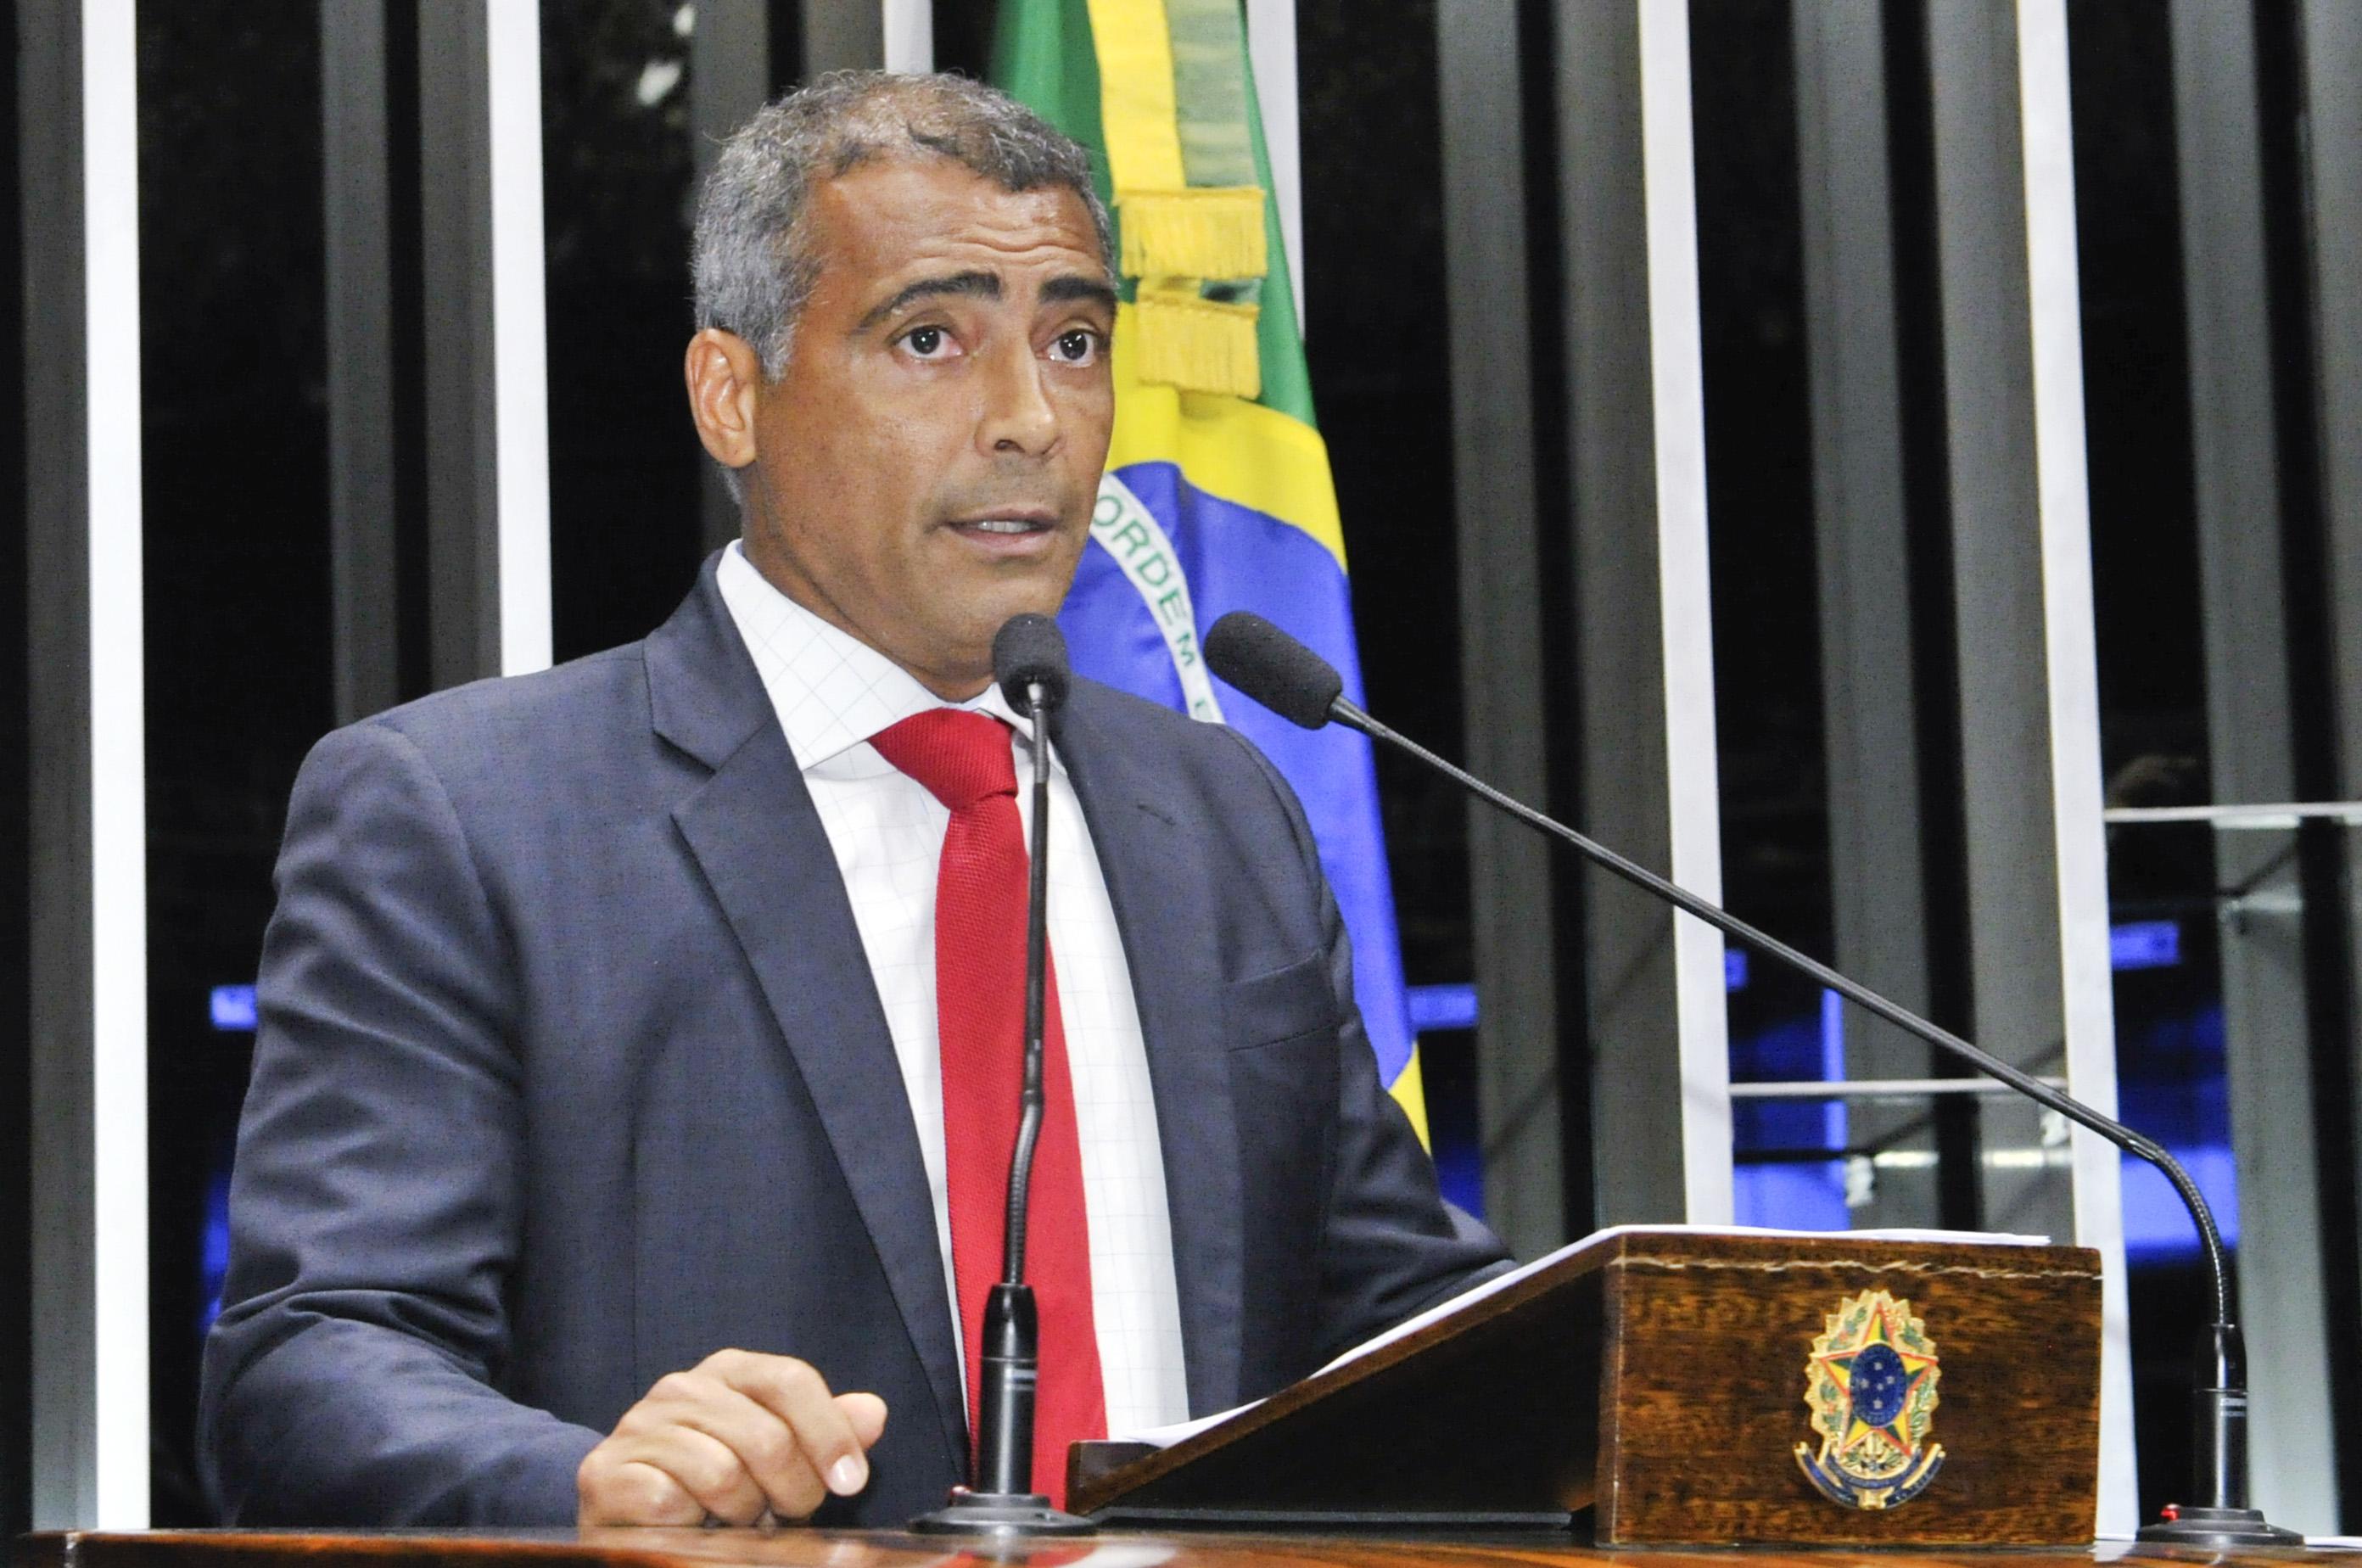 Veja pede desculpas a Romário após publicar documento falso